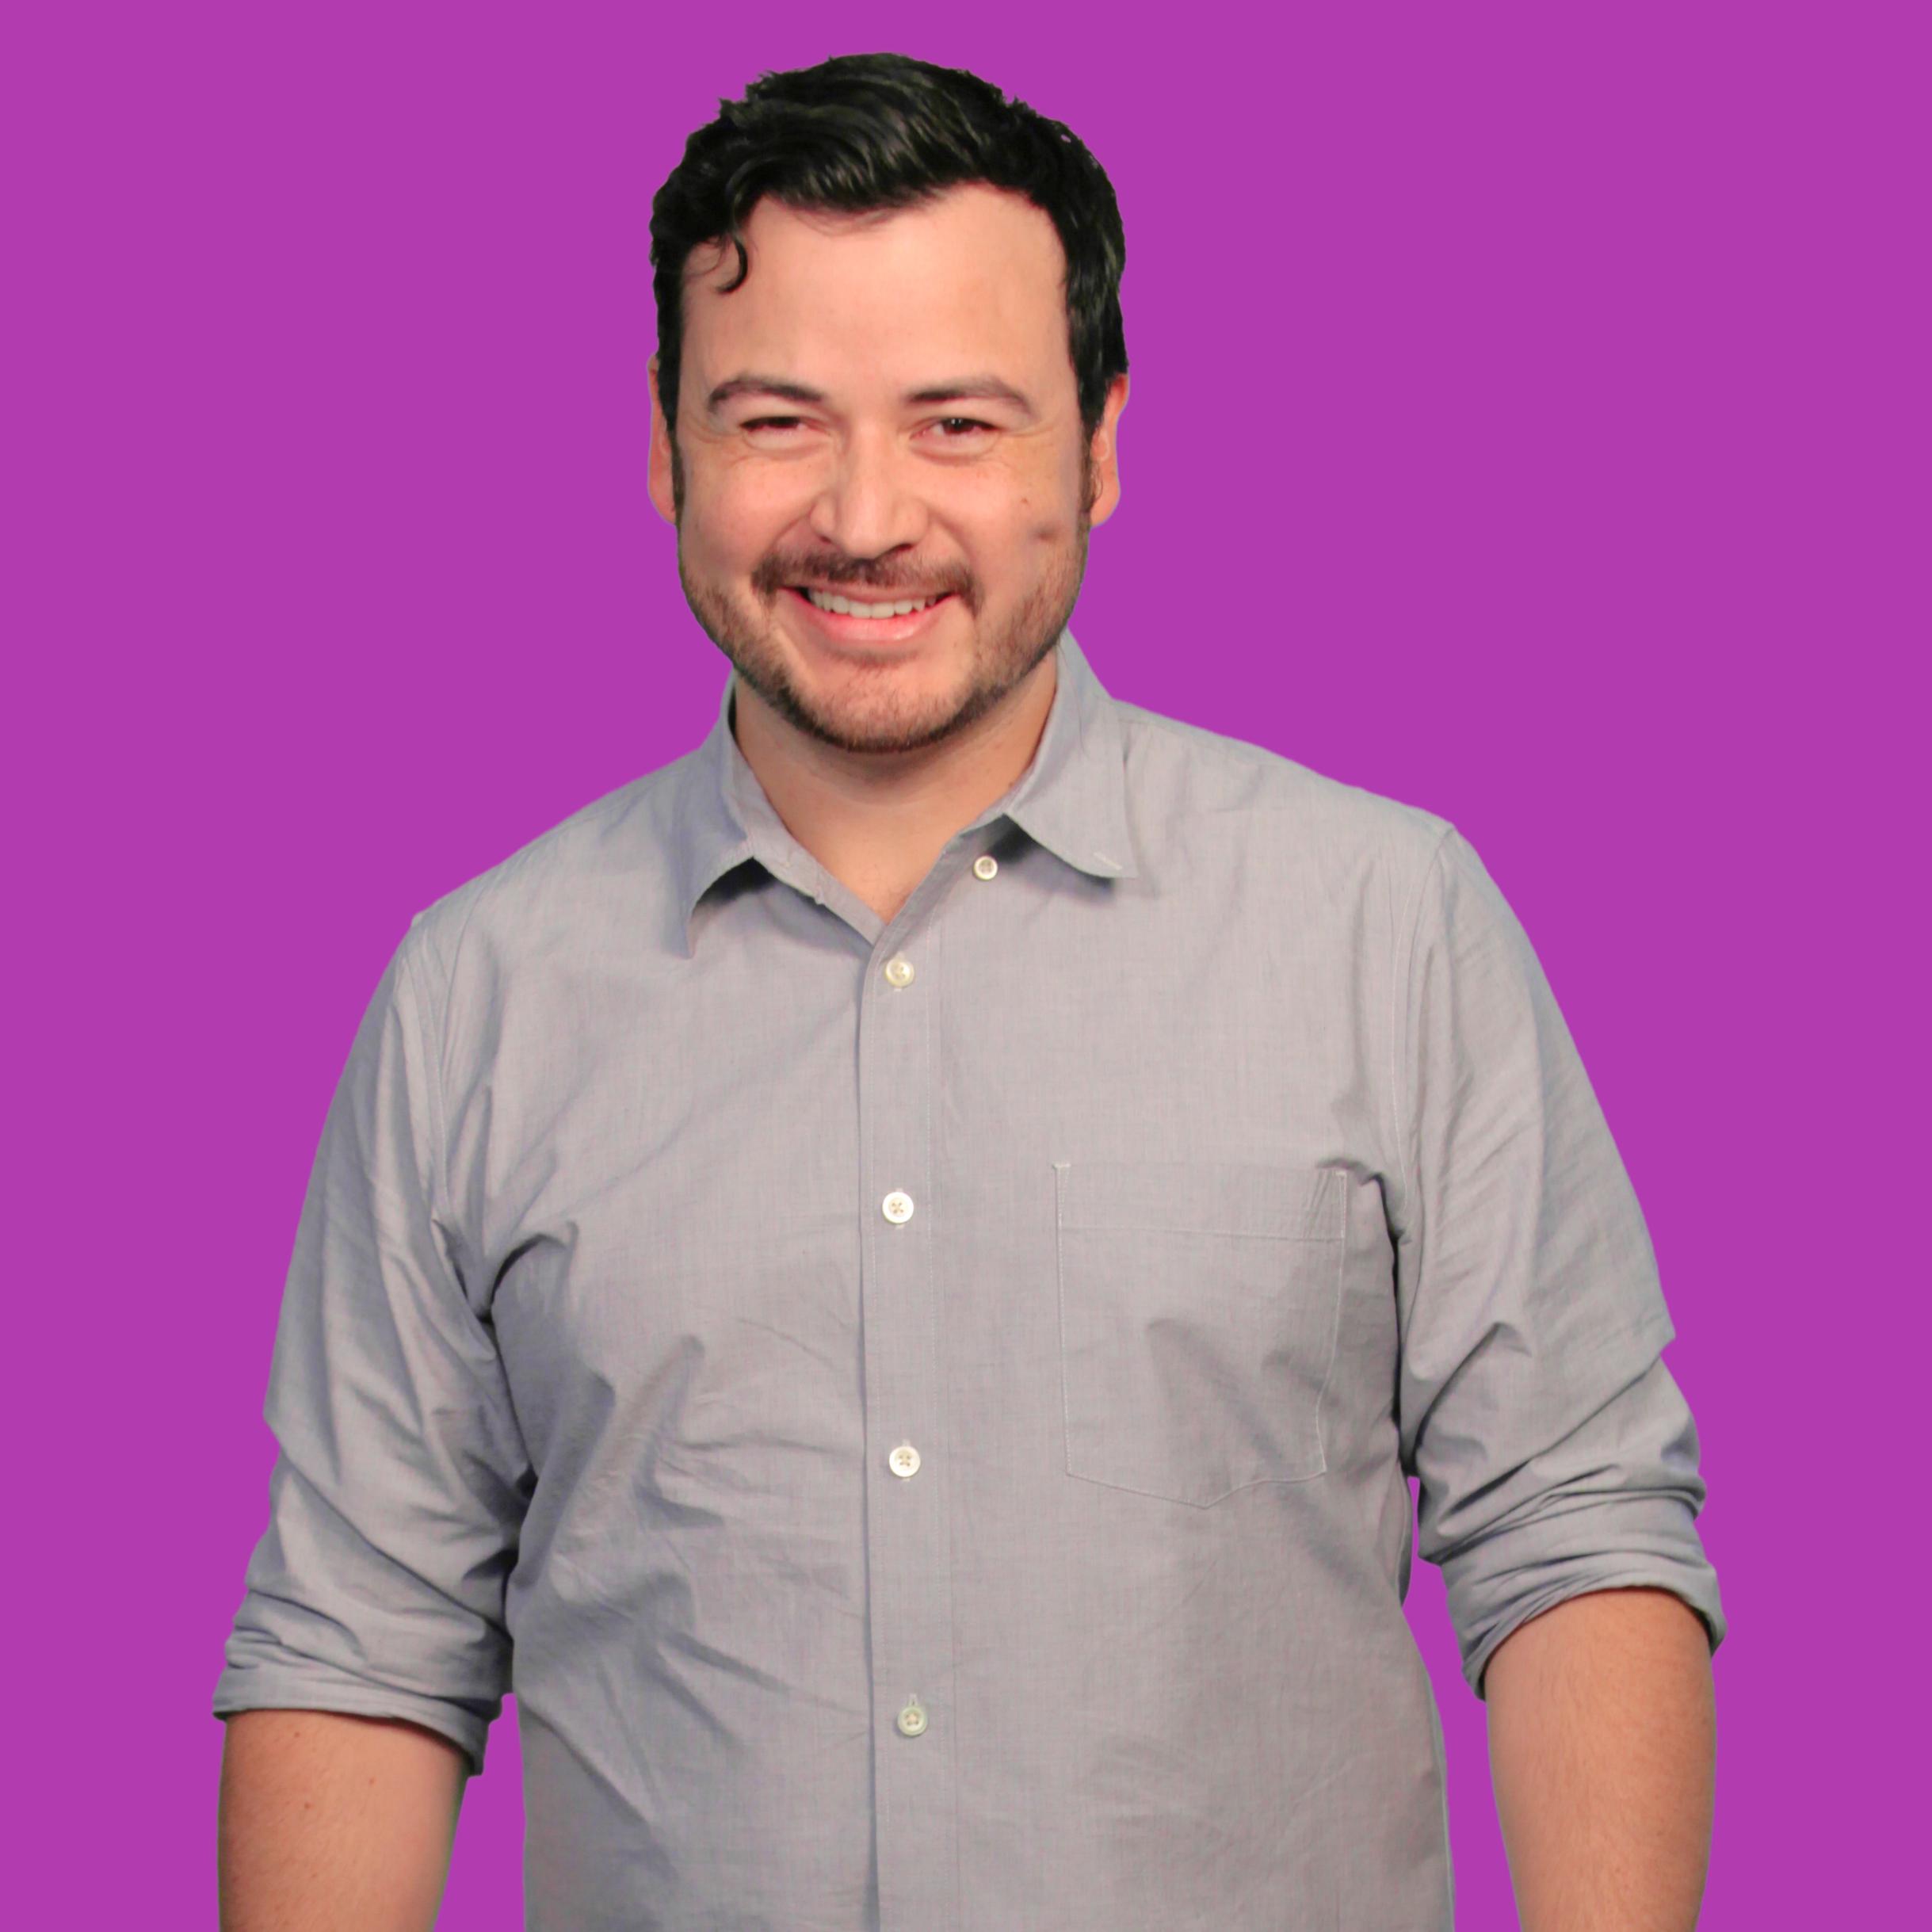 Javier Fadul